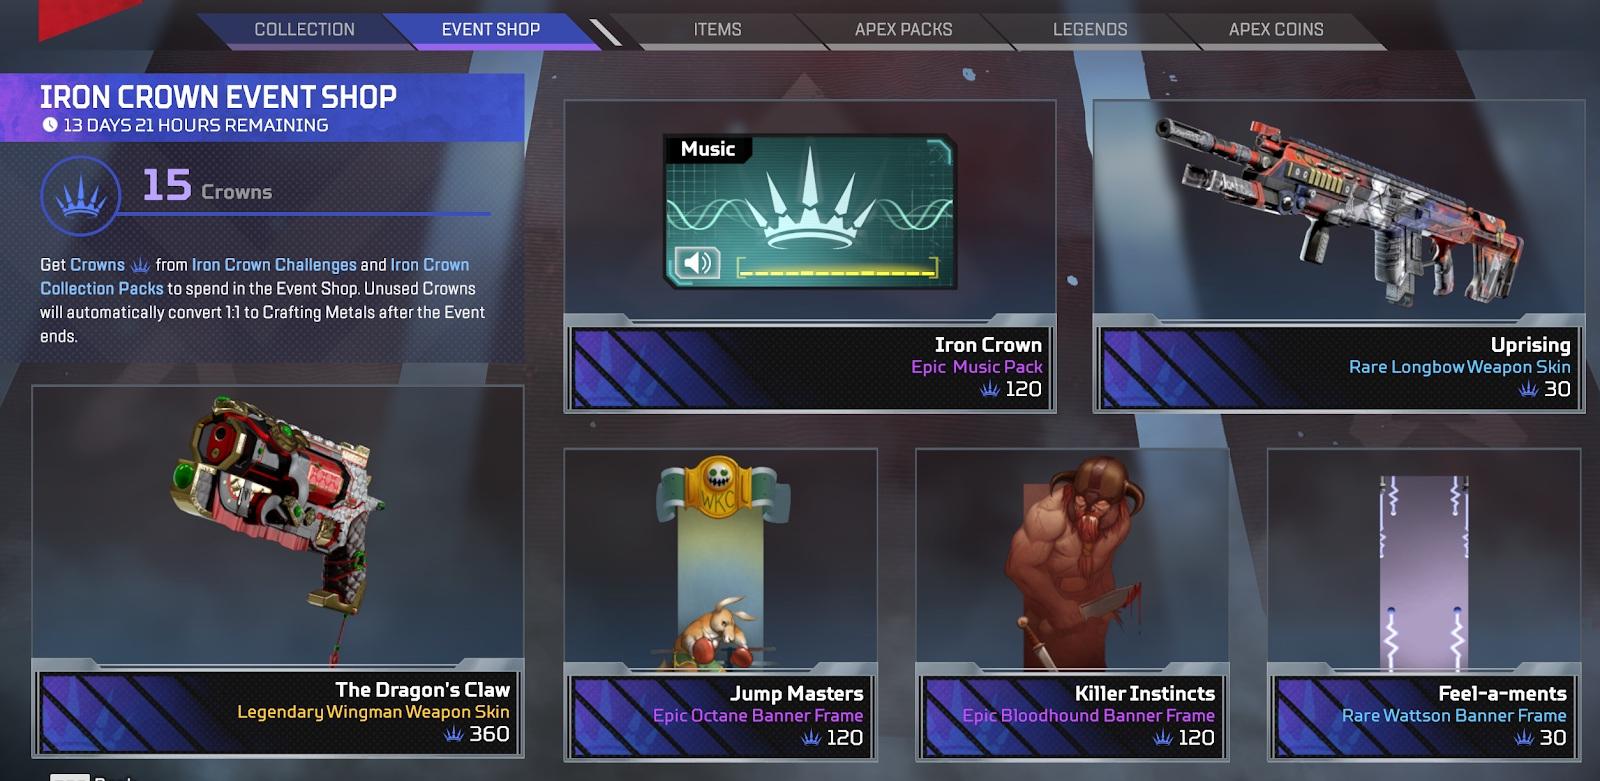 EA/Respawn Entertainment